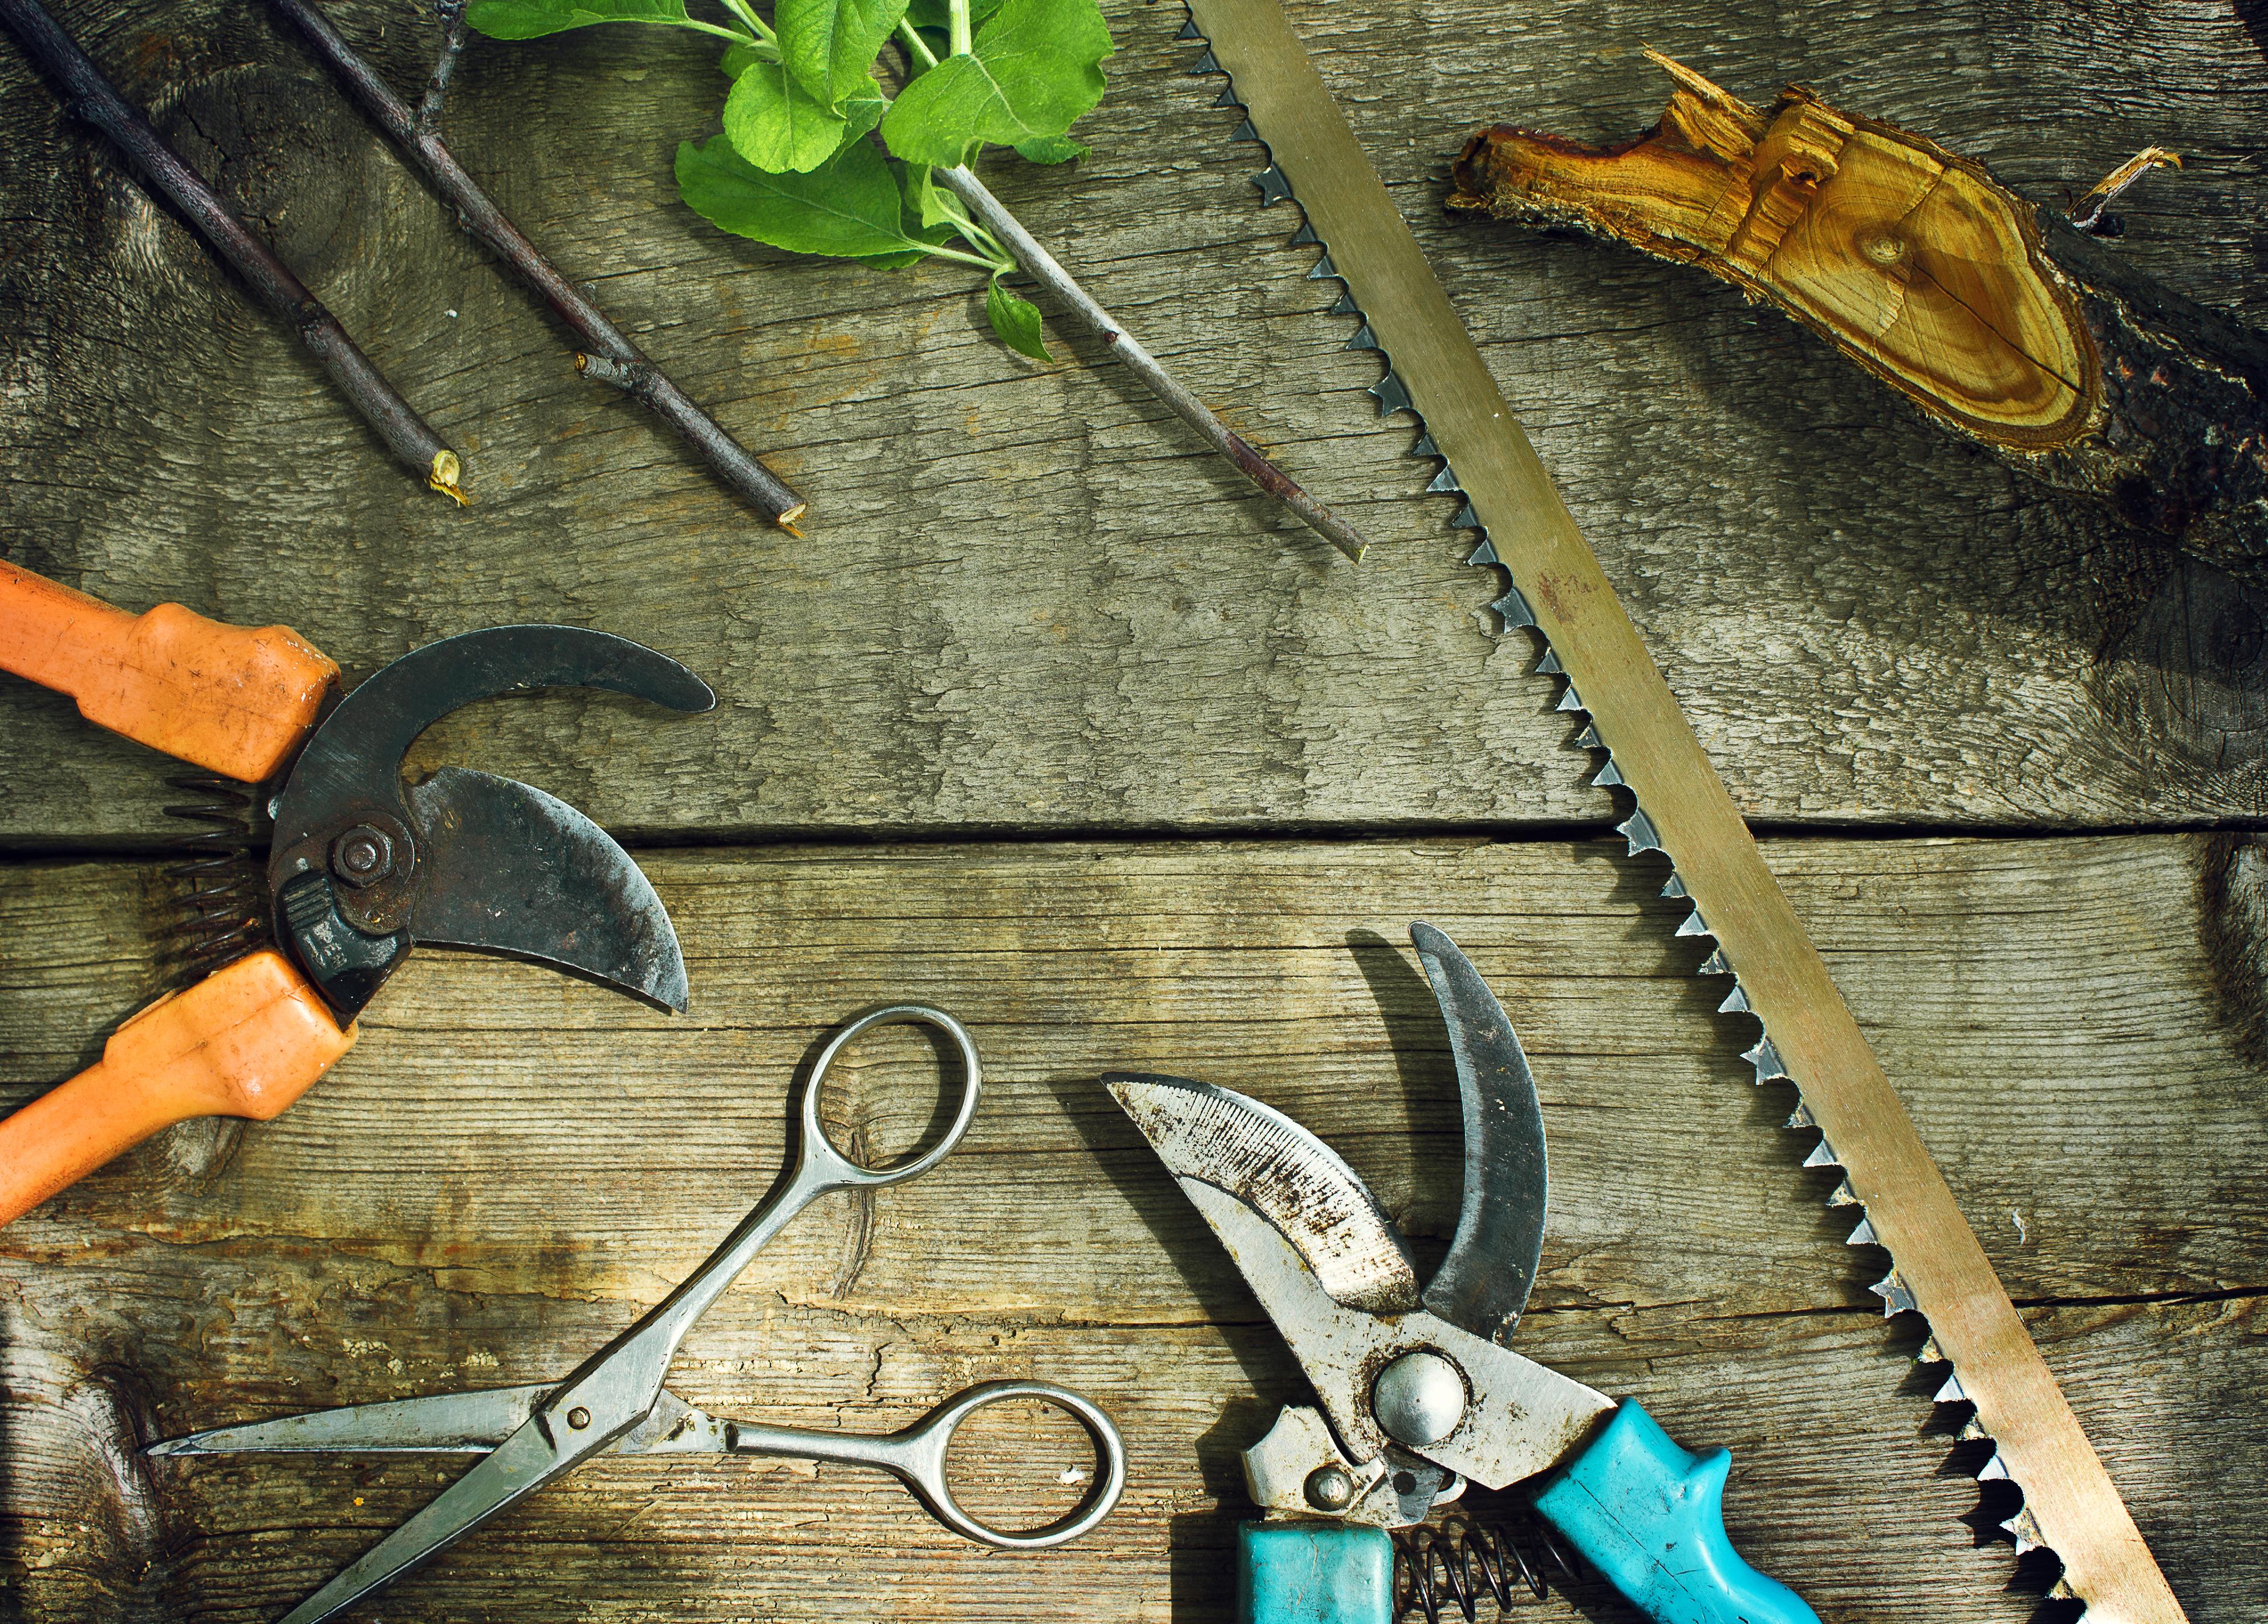 Садовые инструменты перед процессом необходимо проверить на наличие грязи, ржавчины и затупленных концов